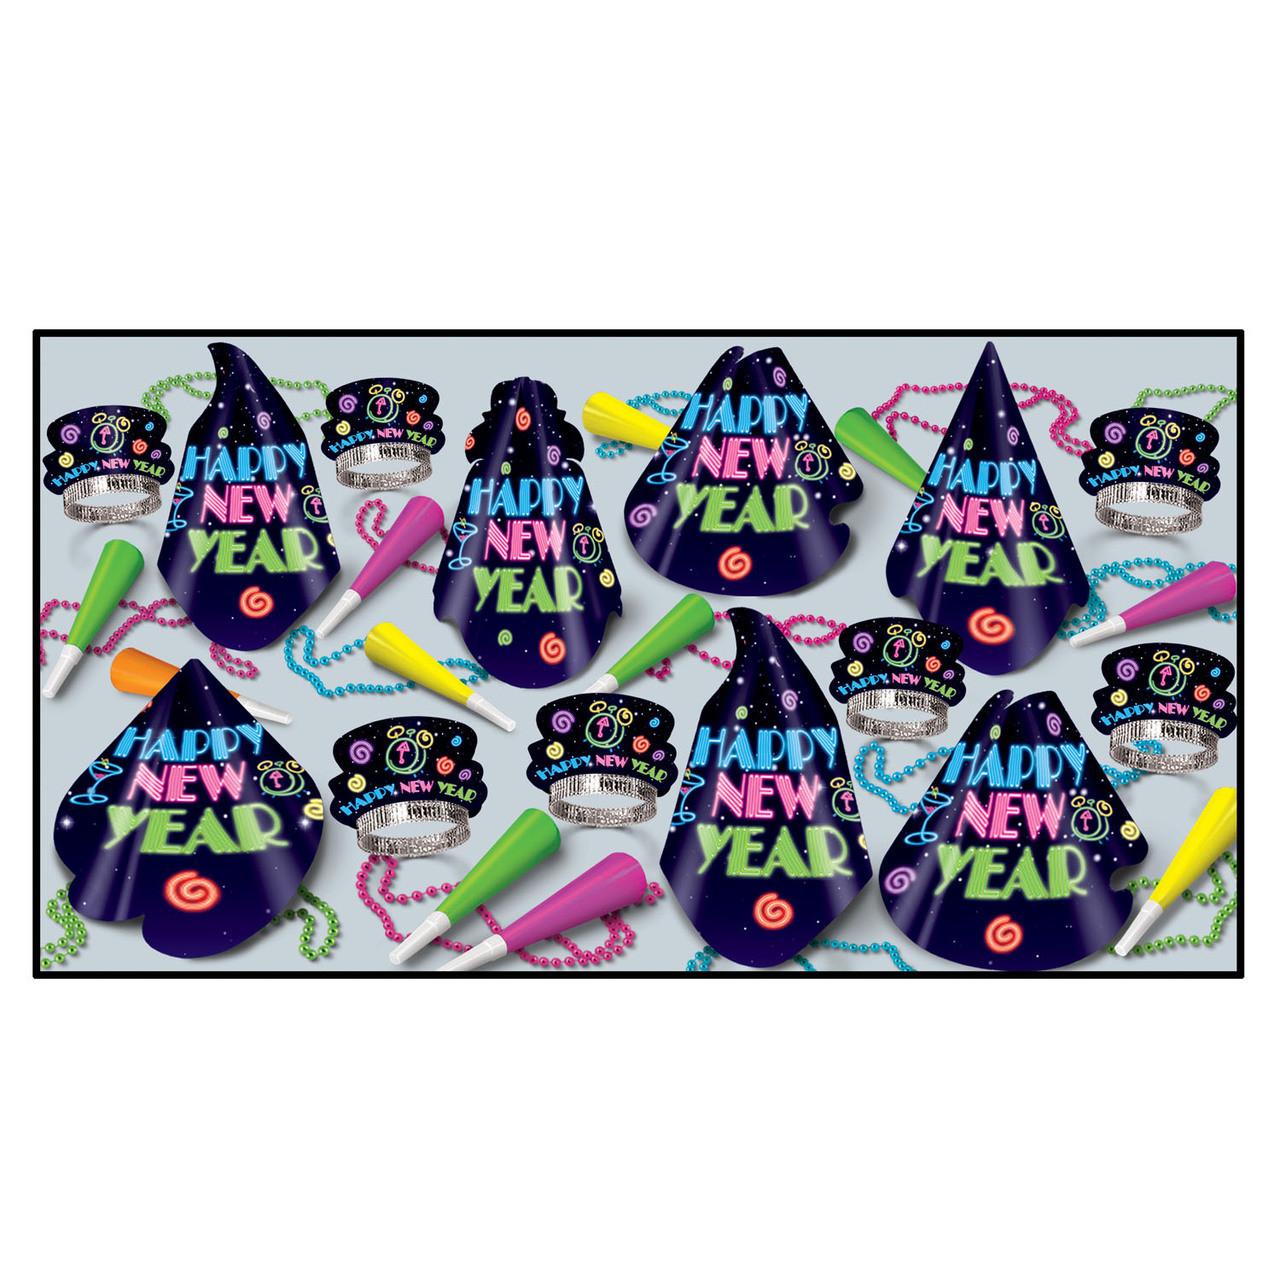 Leopard Print Party Decorations Neon Leopard Print Party Supplies Party Supplies